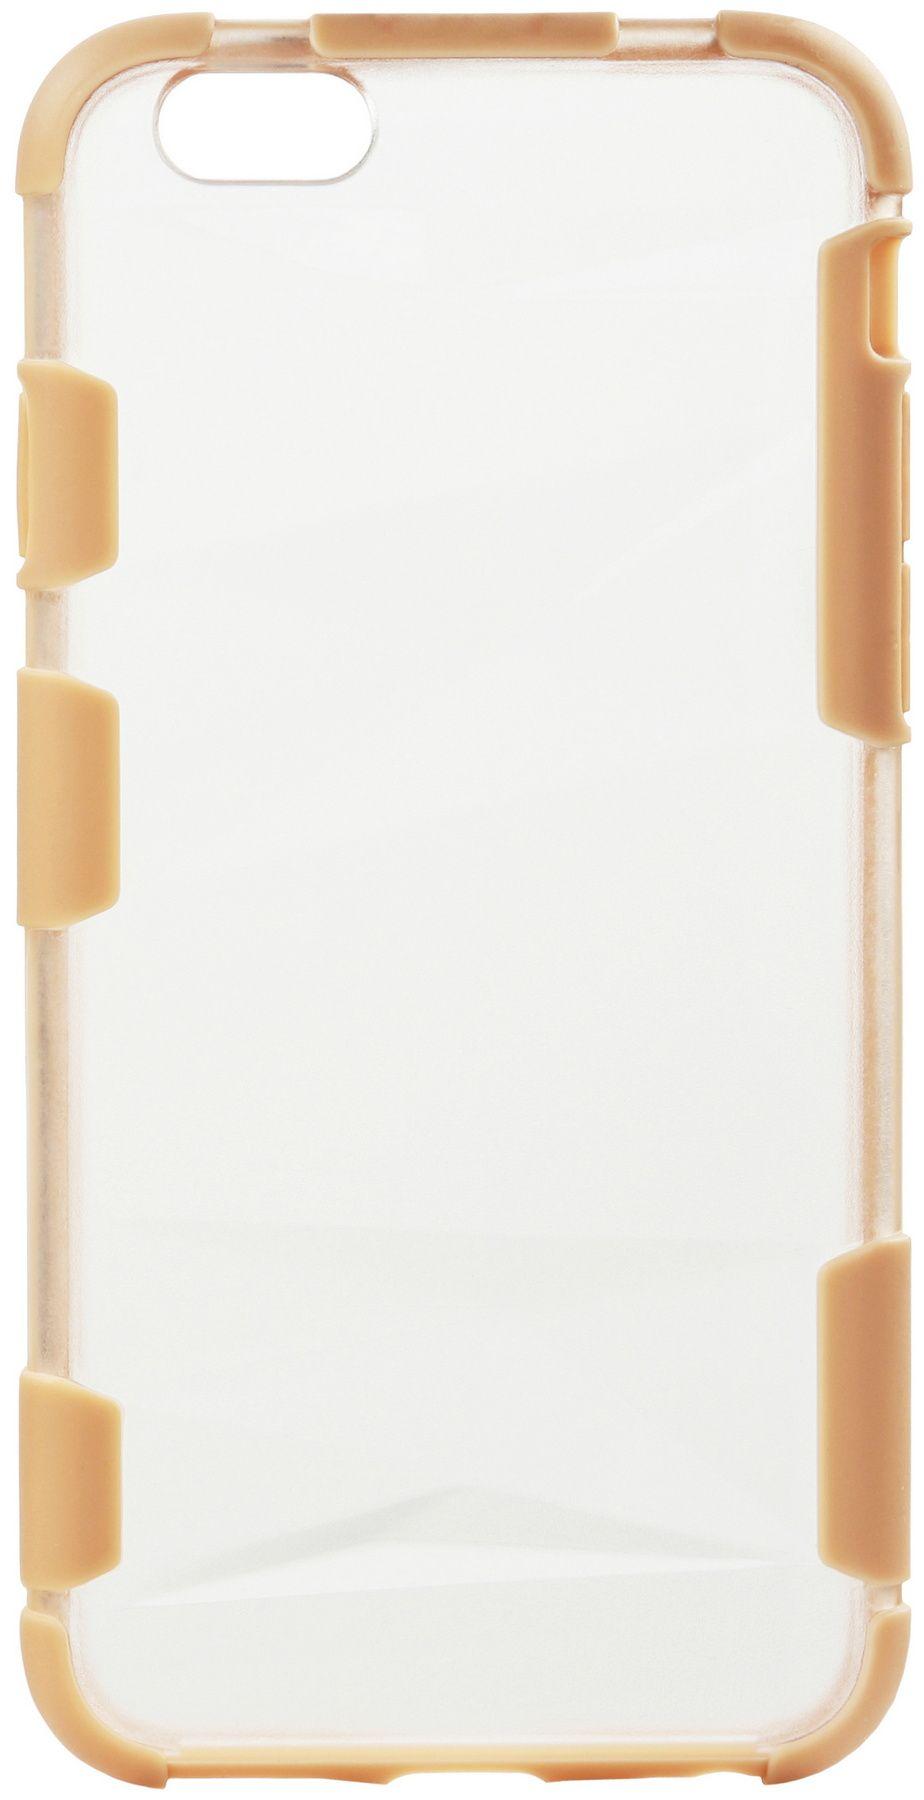 Купить Чехлы для телефонов, TOTO TPU+PC+PU case iPhone 6/6s Gold